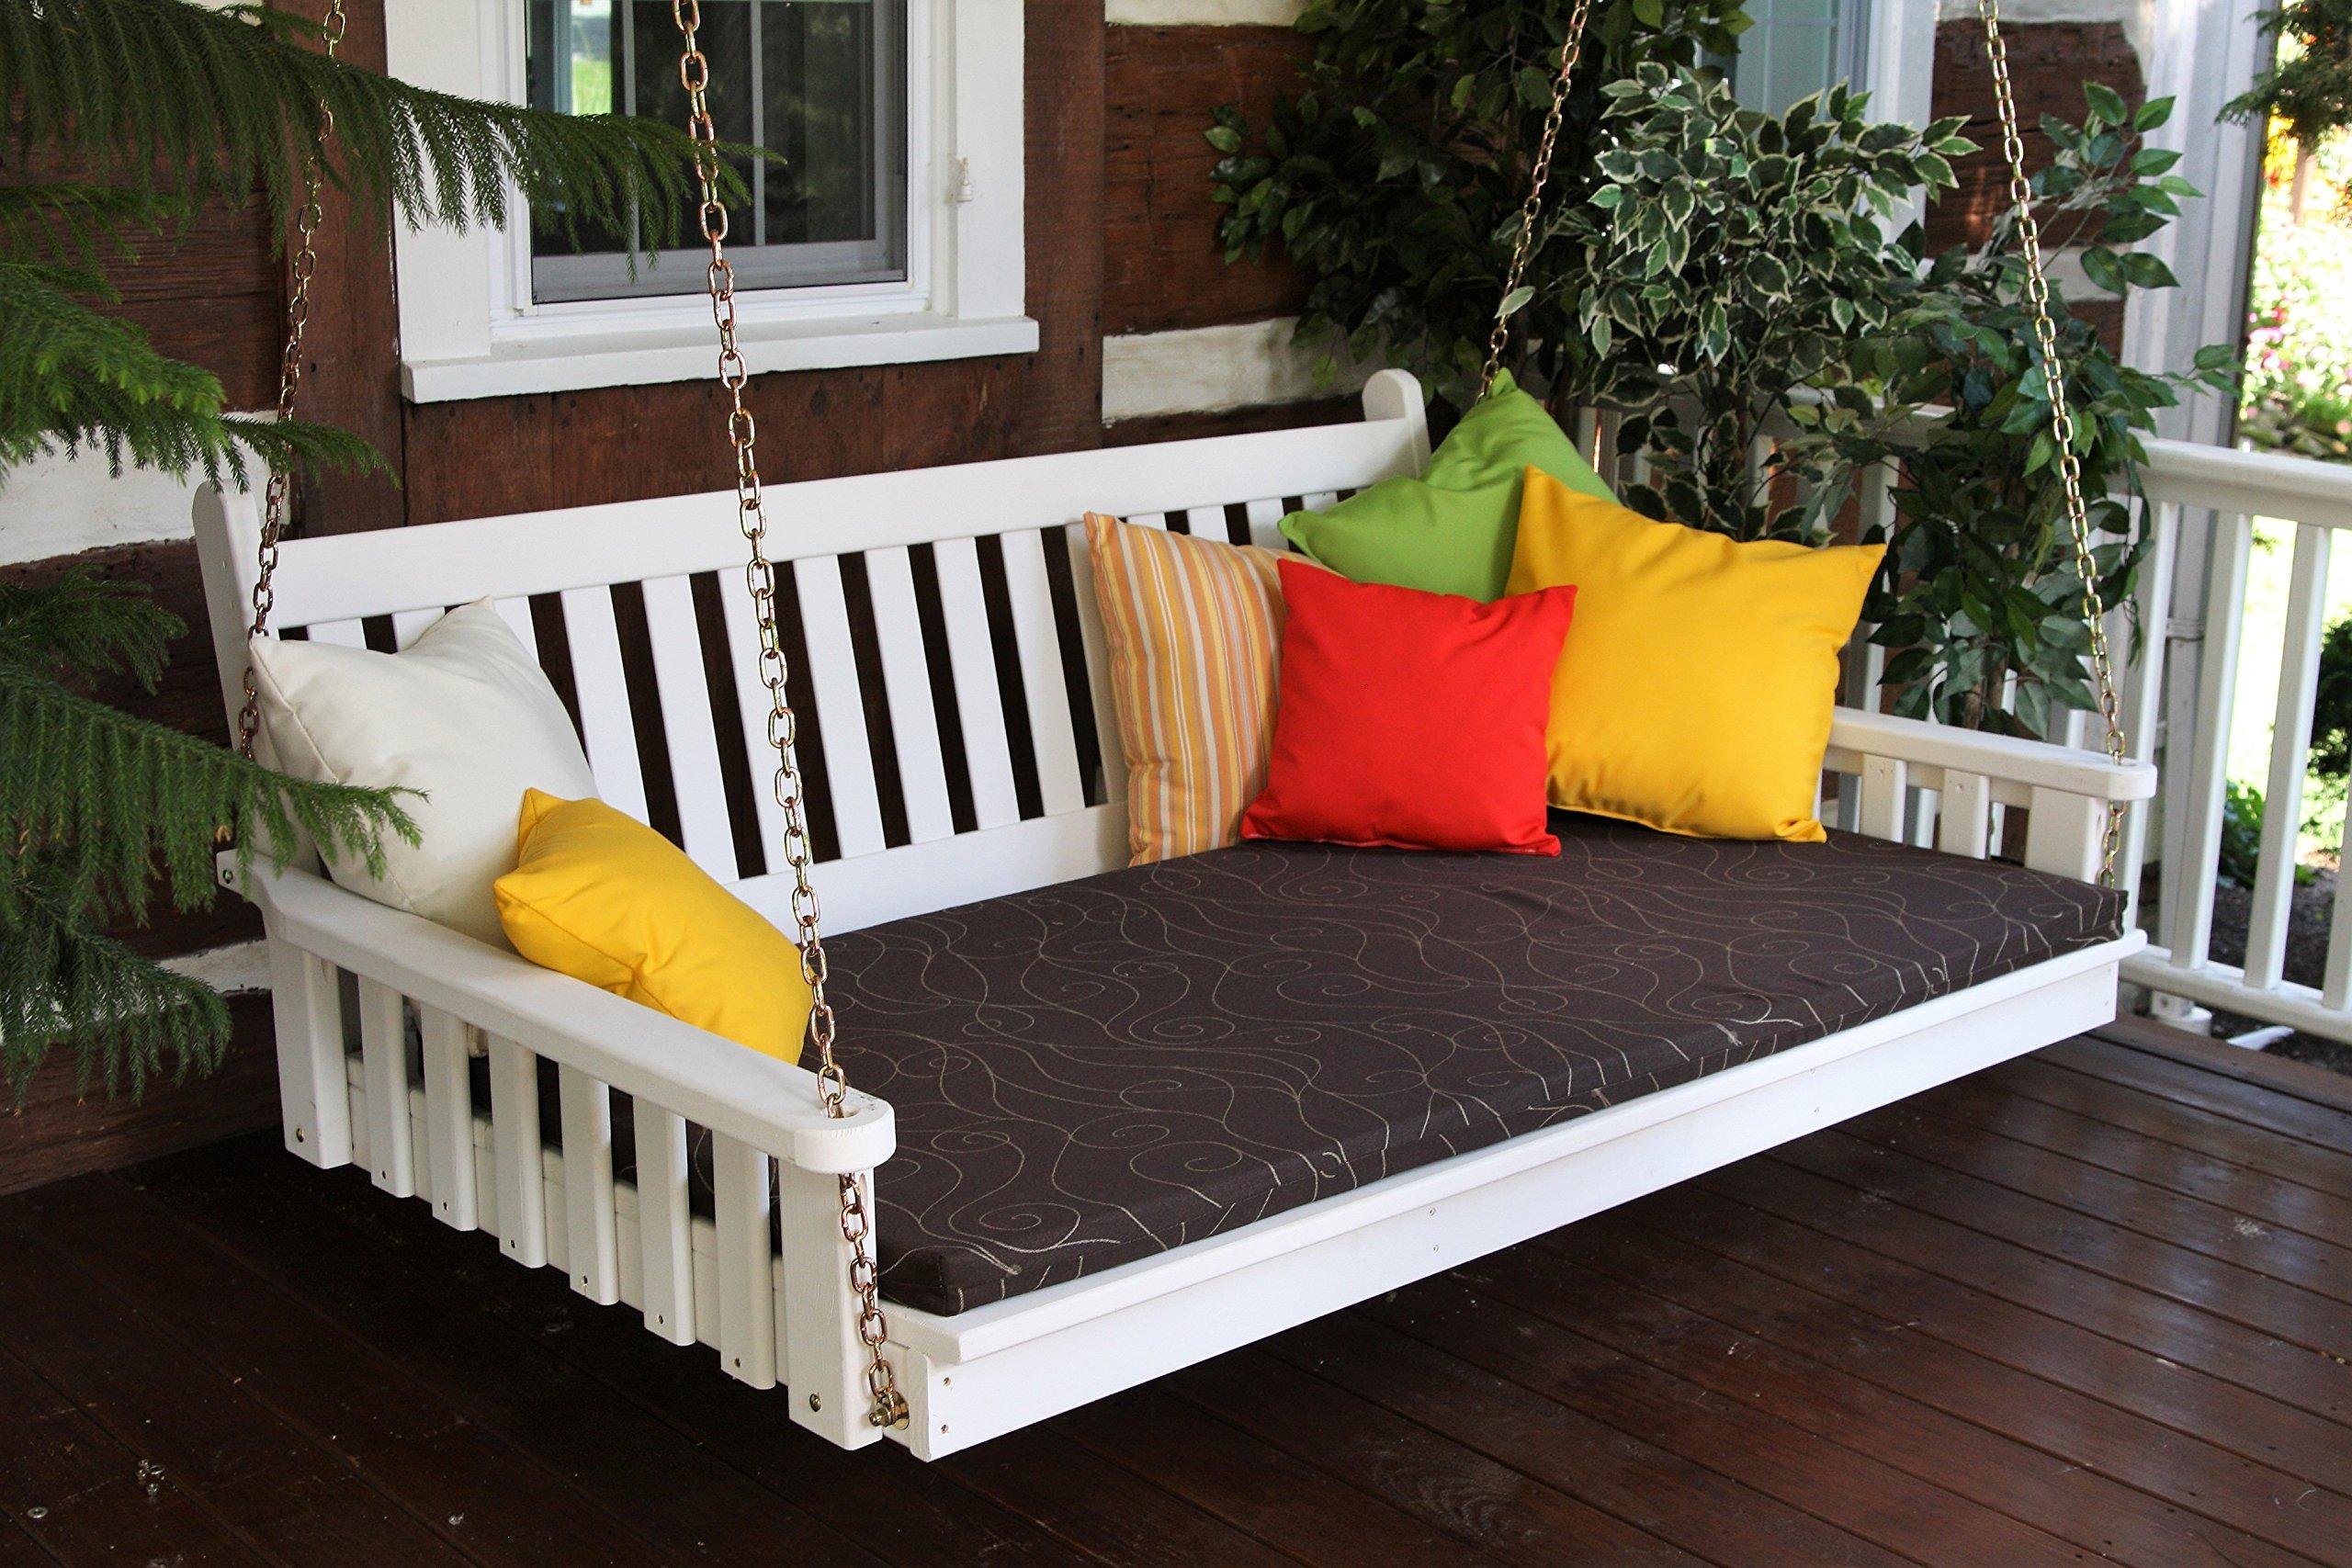 Mejor porche muebles sofá, cama Swing, Swinging de 6 Crazy Fun ...